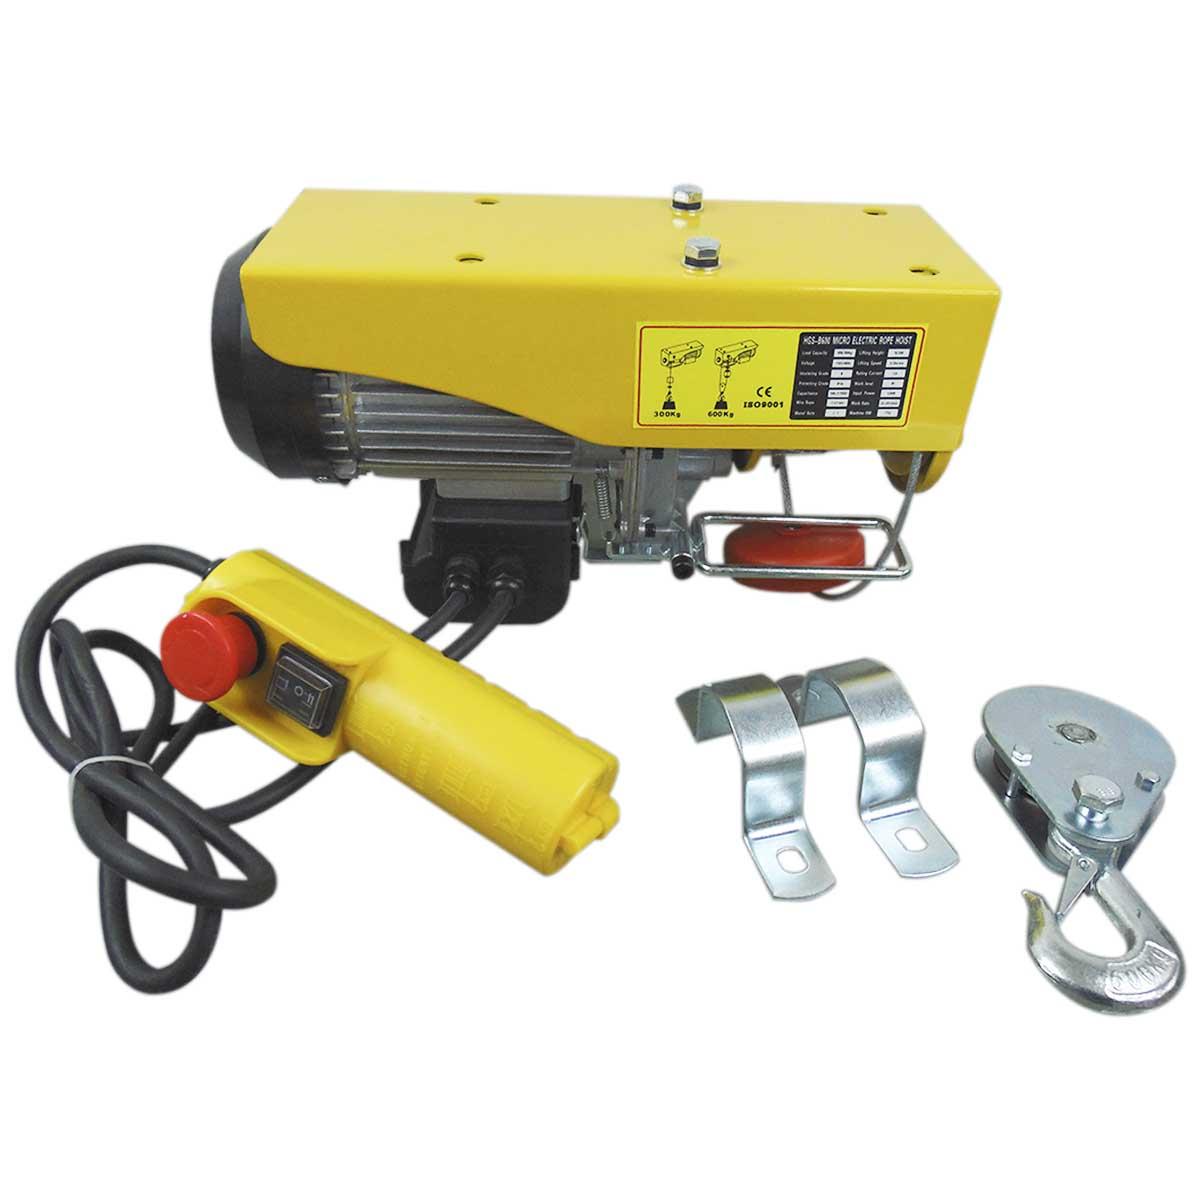 Polipasto Electrico 300-600kg 20 Metros 274447 OBI